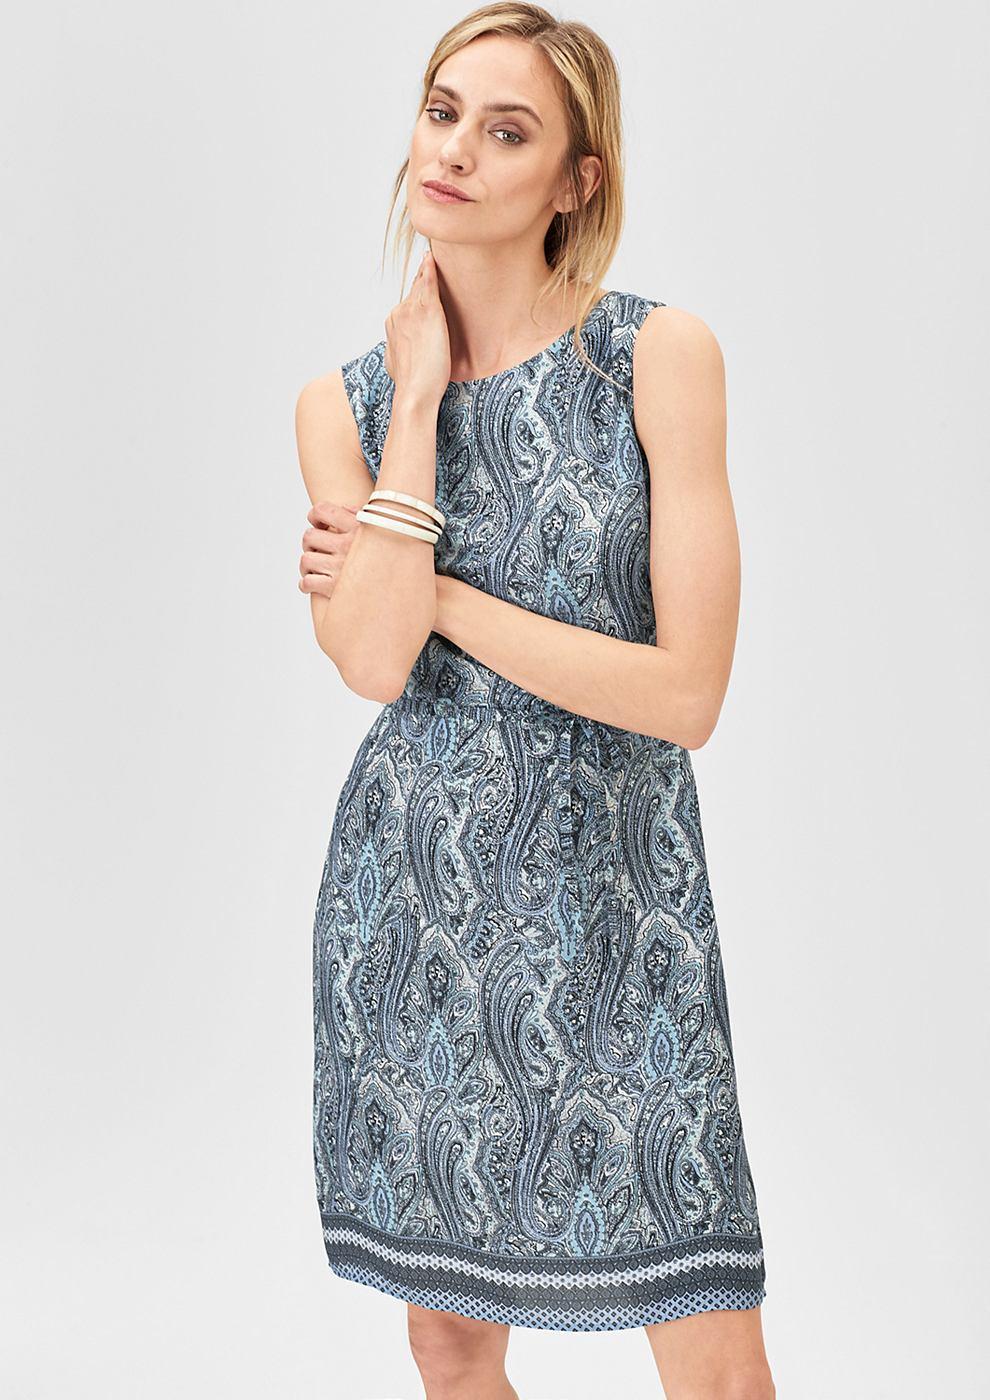 s.Oliver Premium Fijne jurk met een ornamentenmotief blauw